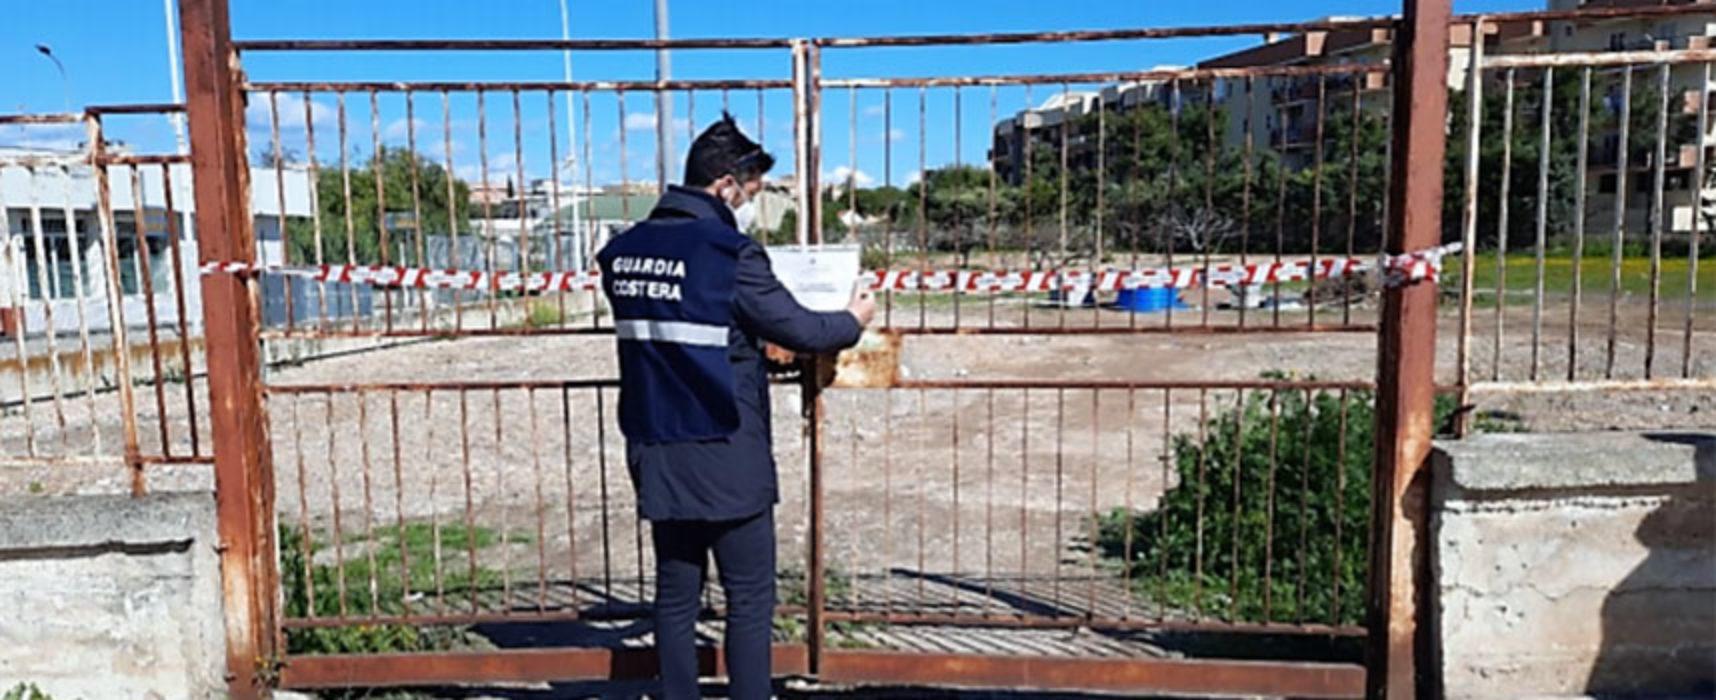 Bisceglie: sequestro rifiuti pericolosi e non posizionati su area privata, 7 persone denunciate / FOTO